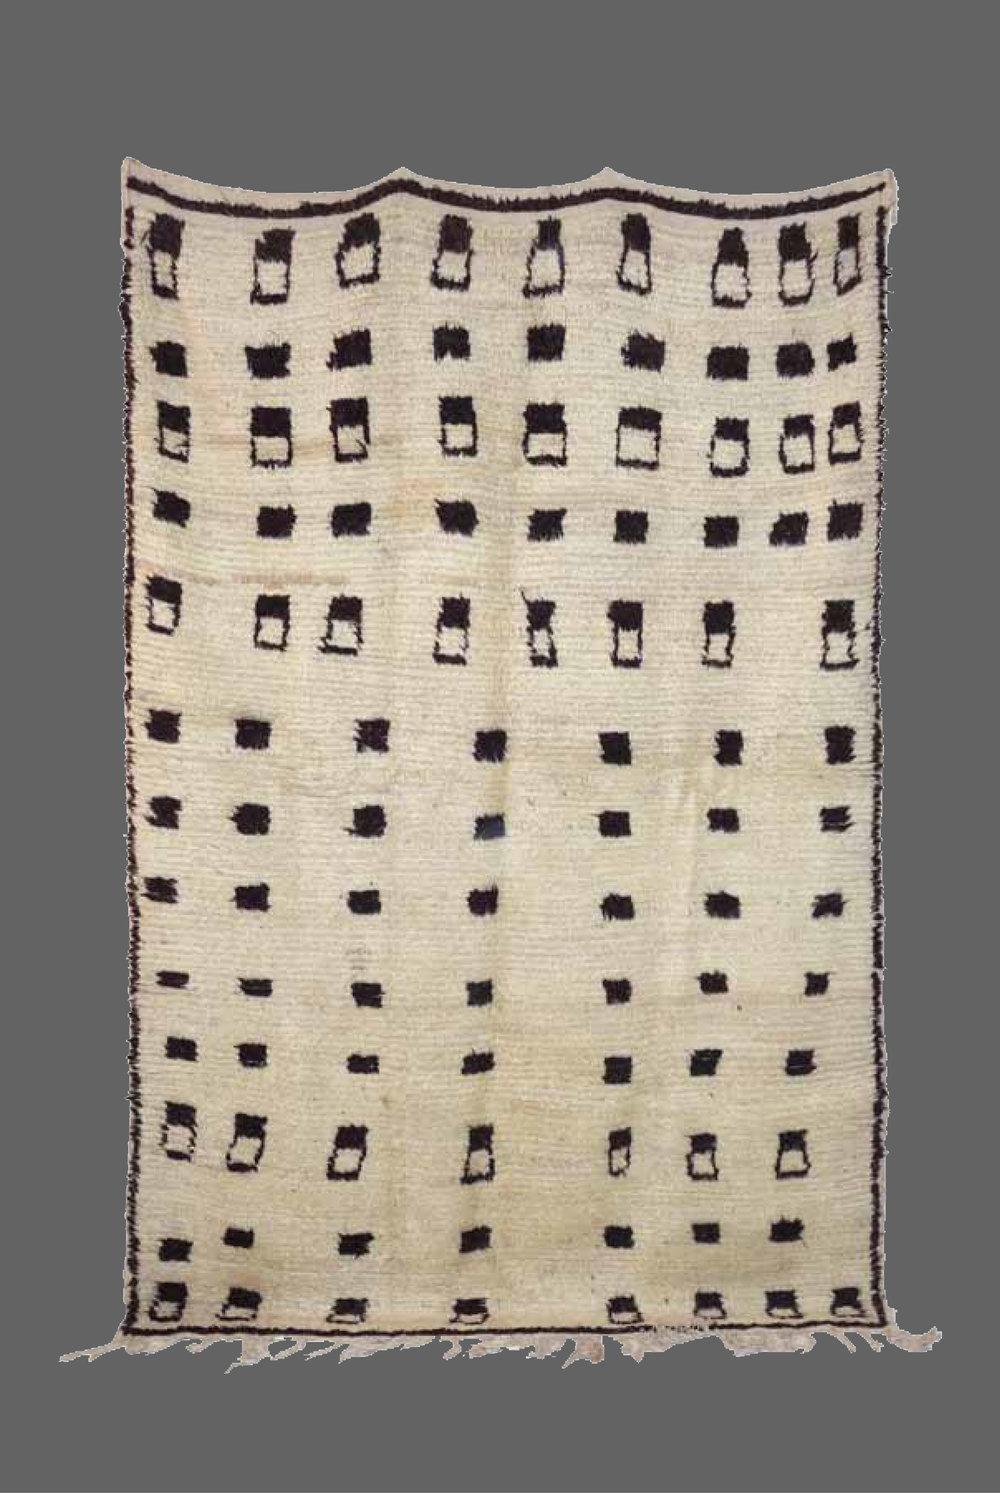 Ethnie : Azilal    Origine : Maroc Haut Atlas    Année : 1980    Dimensions : 2,53 x 1,70    Technique : Noeuds noués, ras, très belle laine    Description : design trés original, le rend trés moderne    Référence : AZL 010    Prix : 1300€